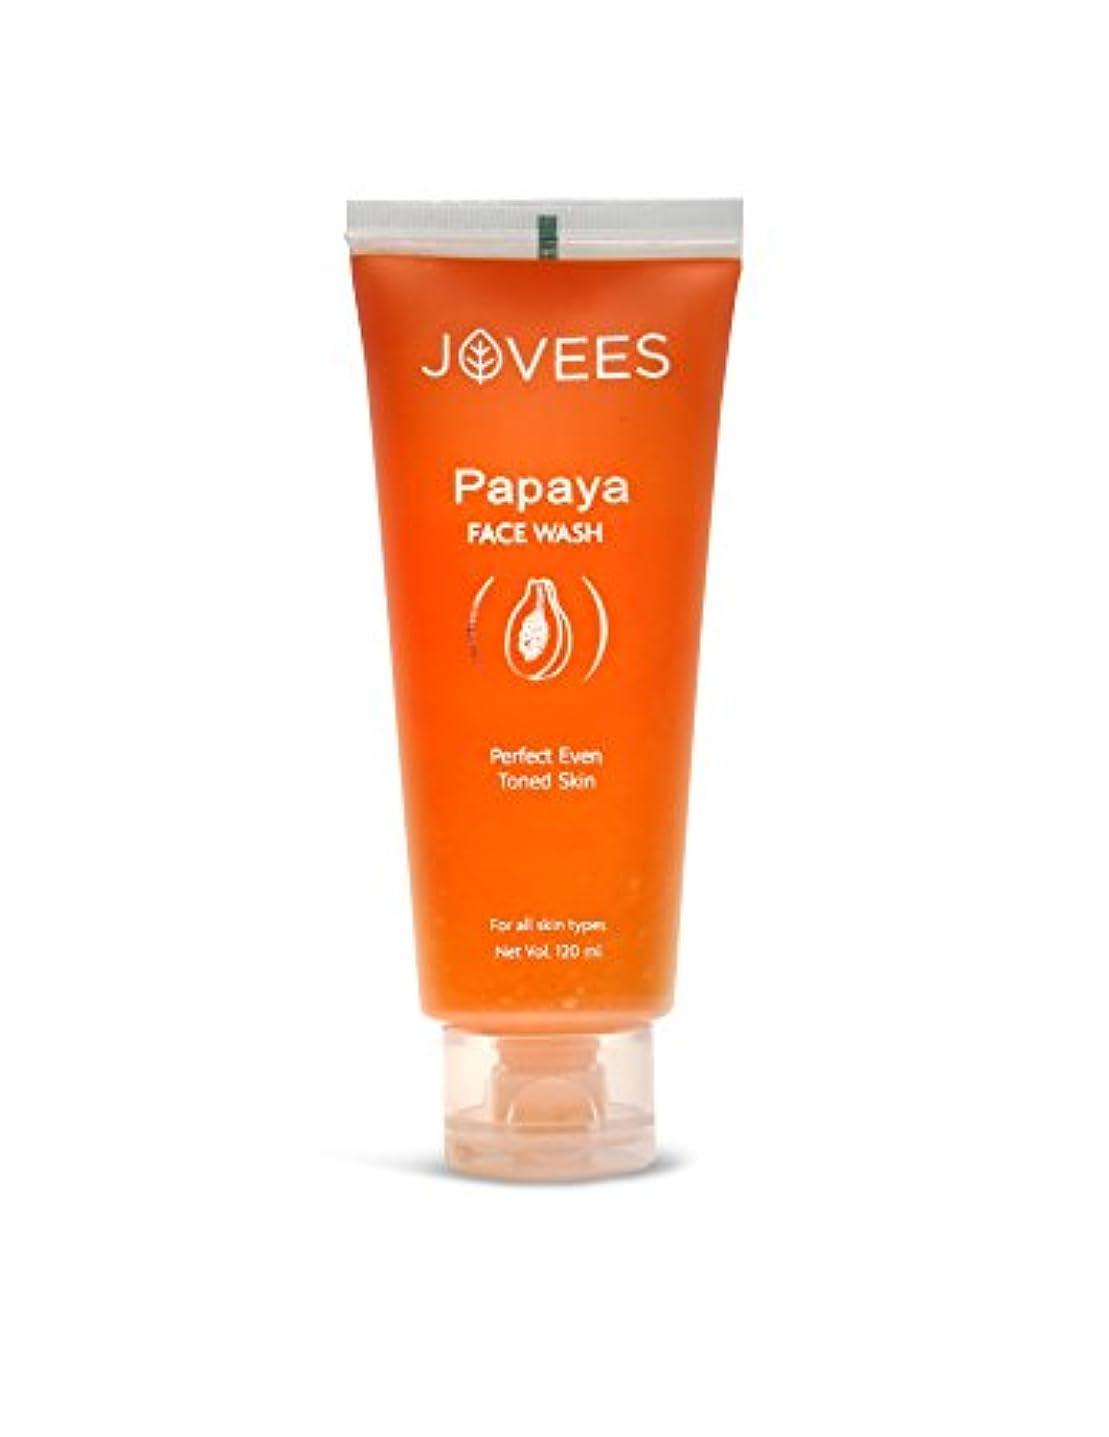 自動的にトリプルカウントアップJovees Face Wash, Papaya, 120ml